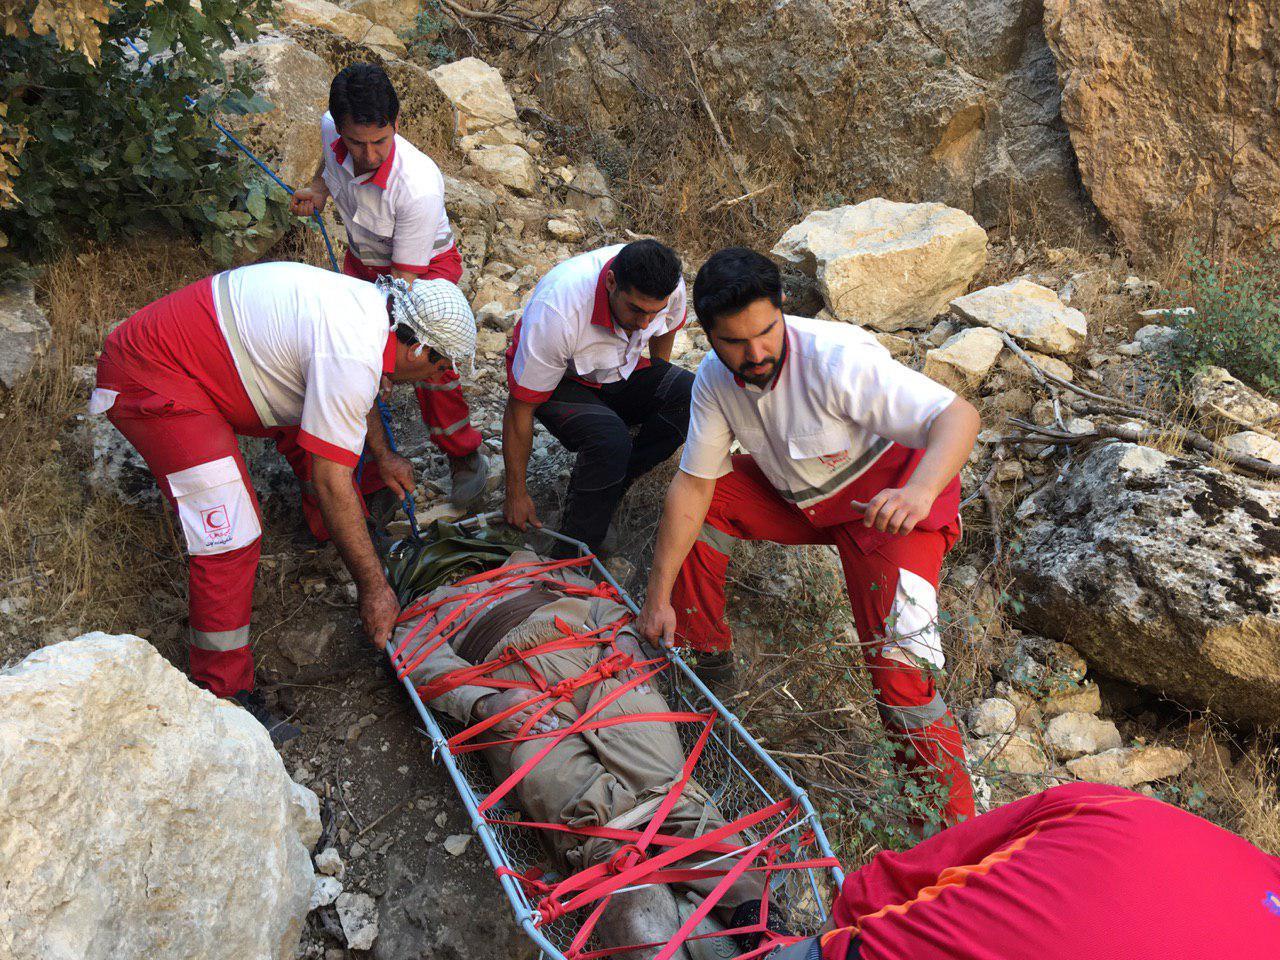 سقوط مردی 52 ساله از ارتفاعات دالاهو